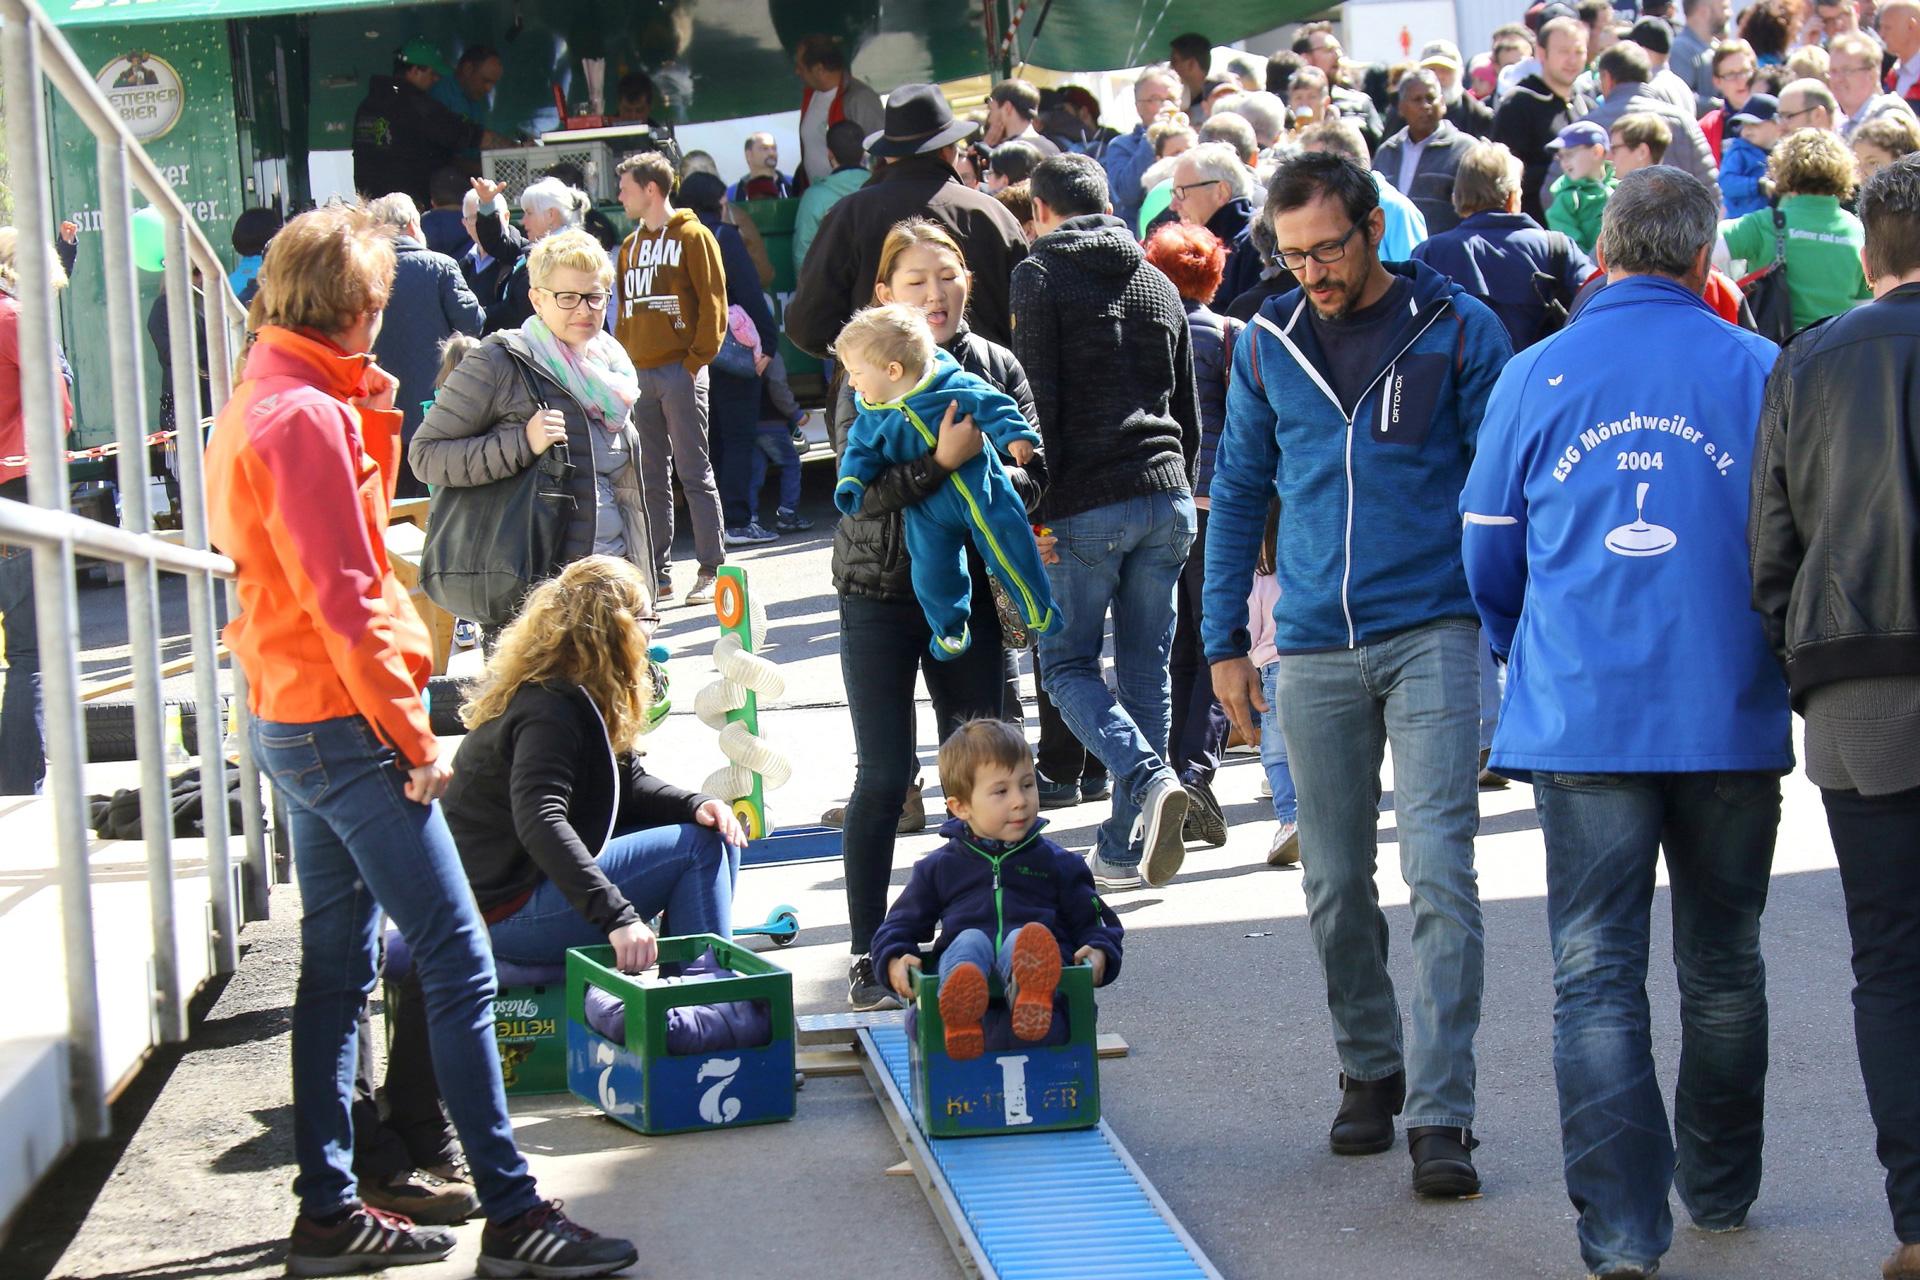 Kinder erfreuten sich auf dem Brauereiparkplatz an dem angebotenen Spielparcous.